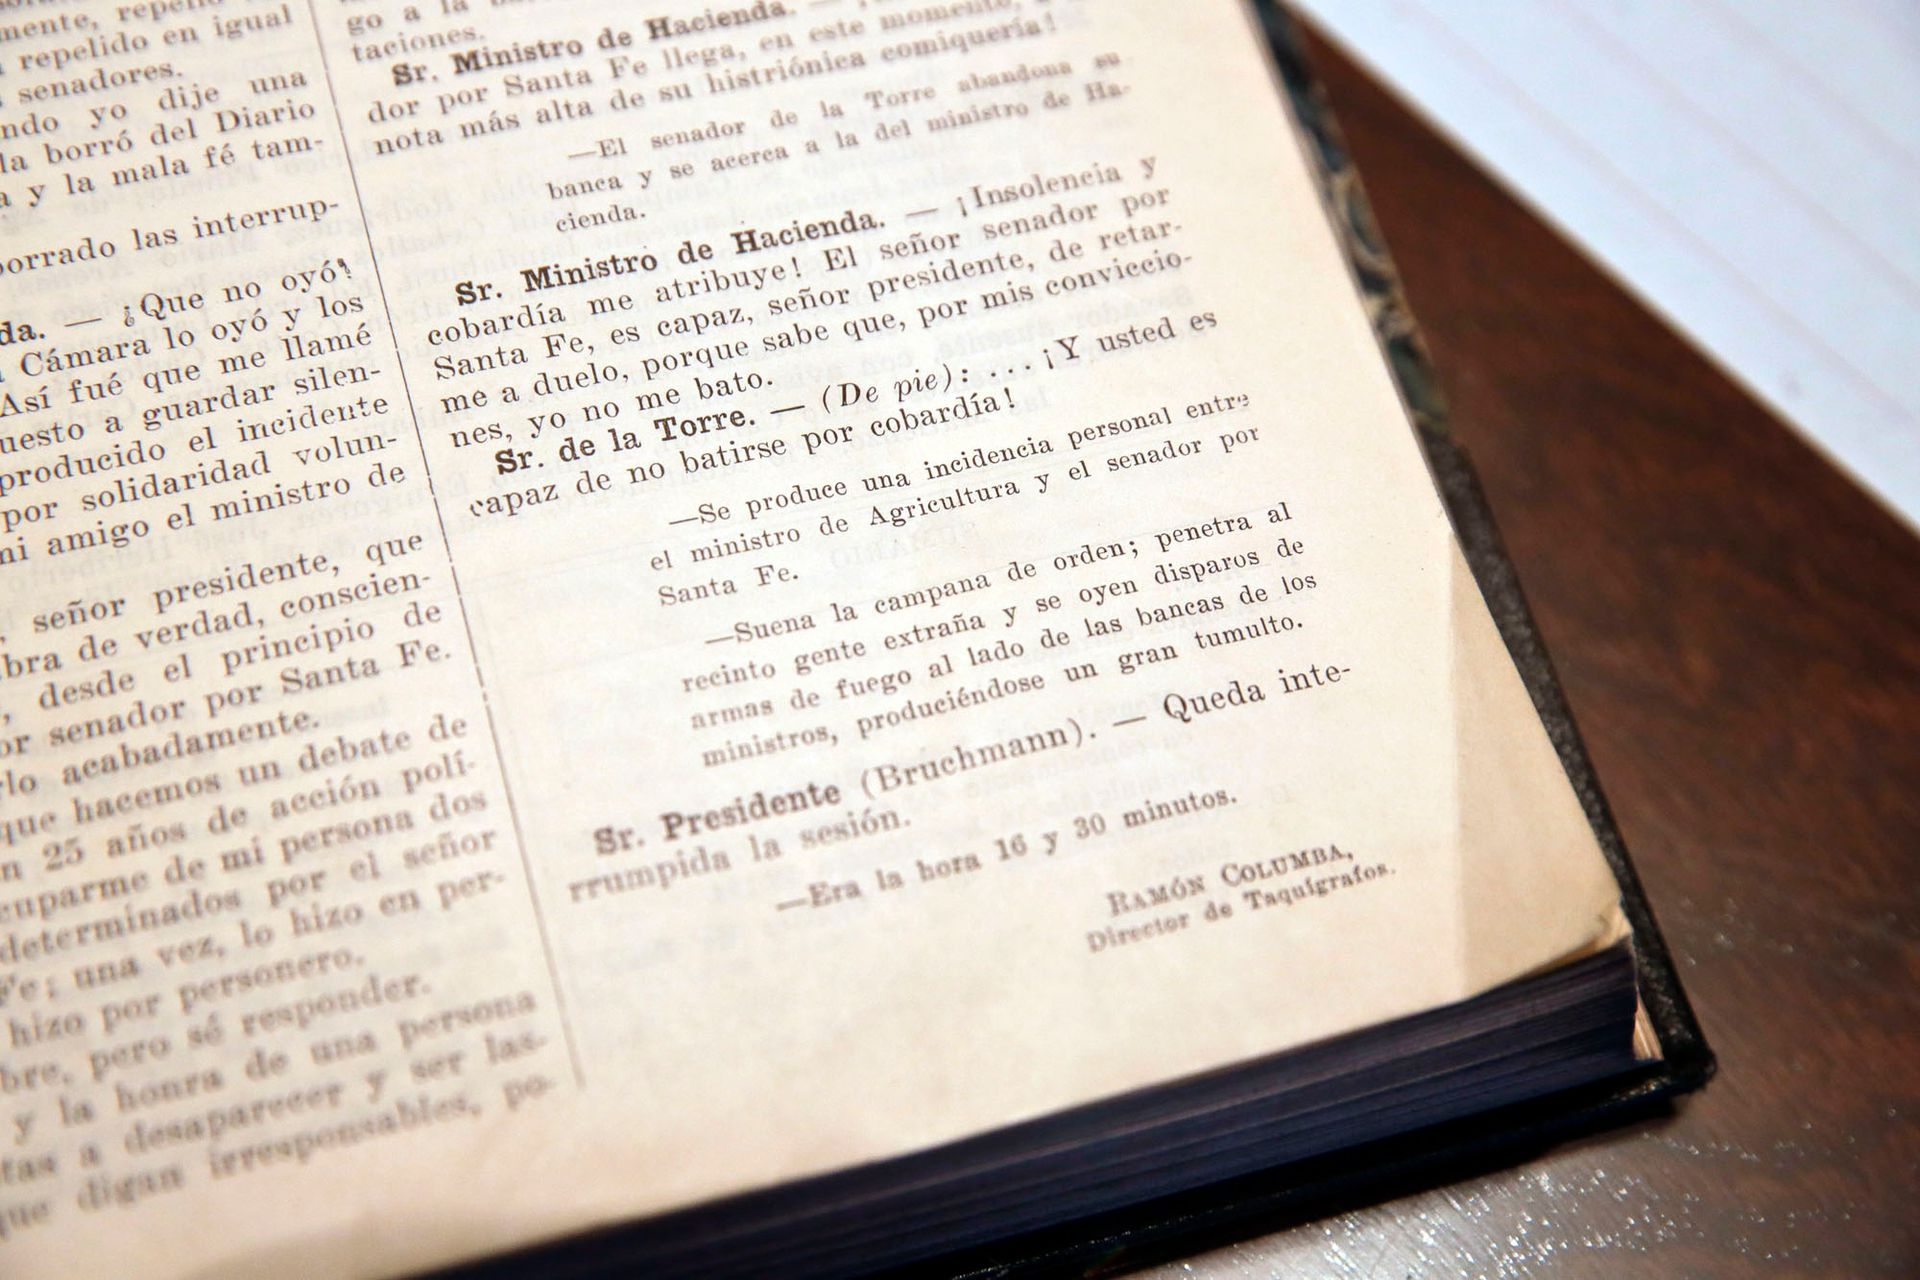 Esta es la transcripción taquigráfica de la sesión en la que asesinaron a Bordabehere en el Senado de la Nación, en 1935, mientras Lisandro de la Torre enunciaba las consecuencias del pacto Roca-Runciman.